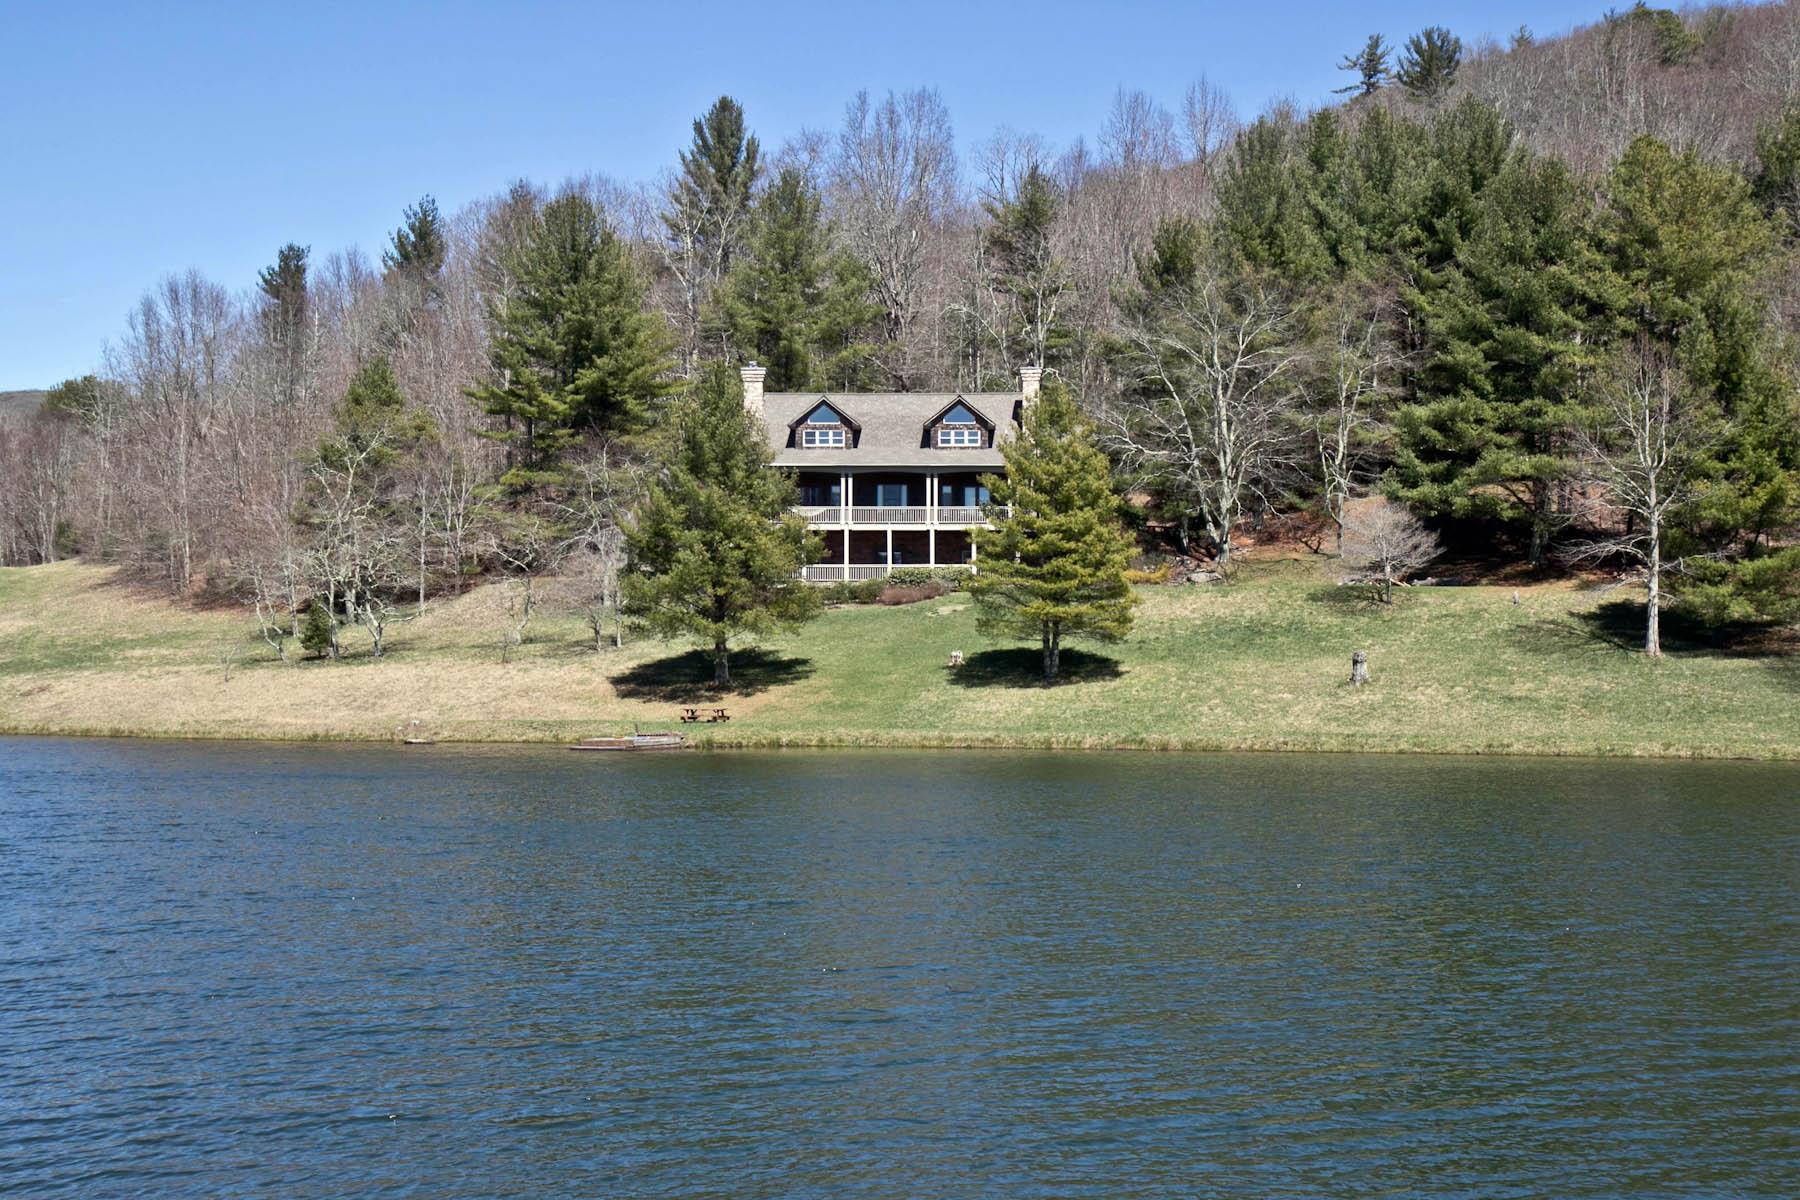 Casa Unifamiliar por un Venta en Lochmont 212 Mountainview Drive Scaly Mountain, Carolina Del Norte, 28775 Estados Unidos